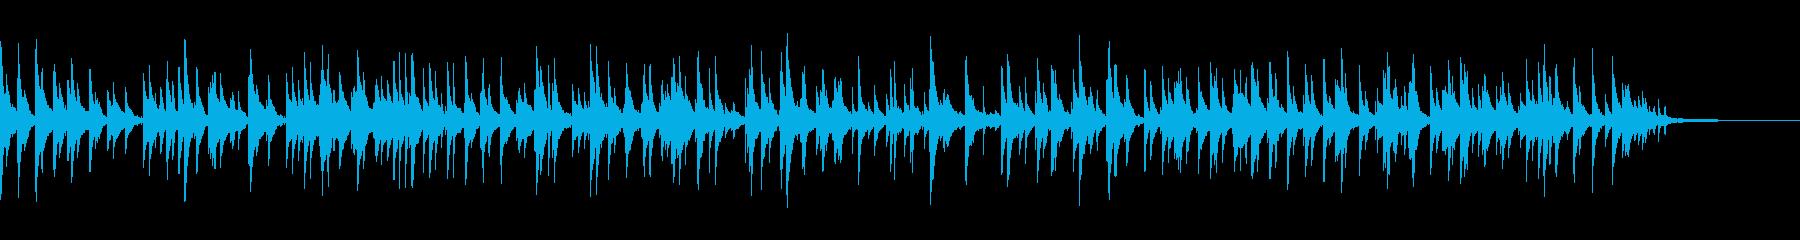 メランコリーなサンセット・ジムノペディ風の再生済みの波形